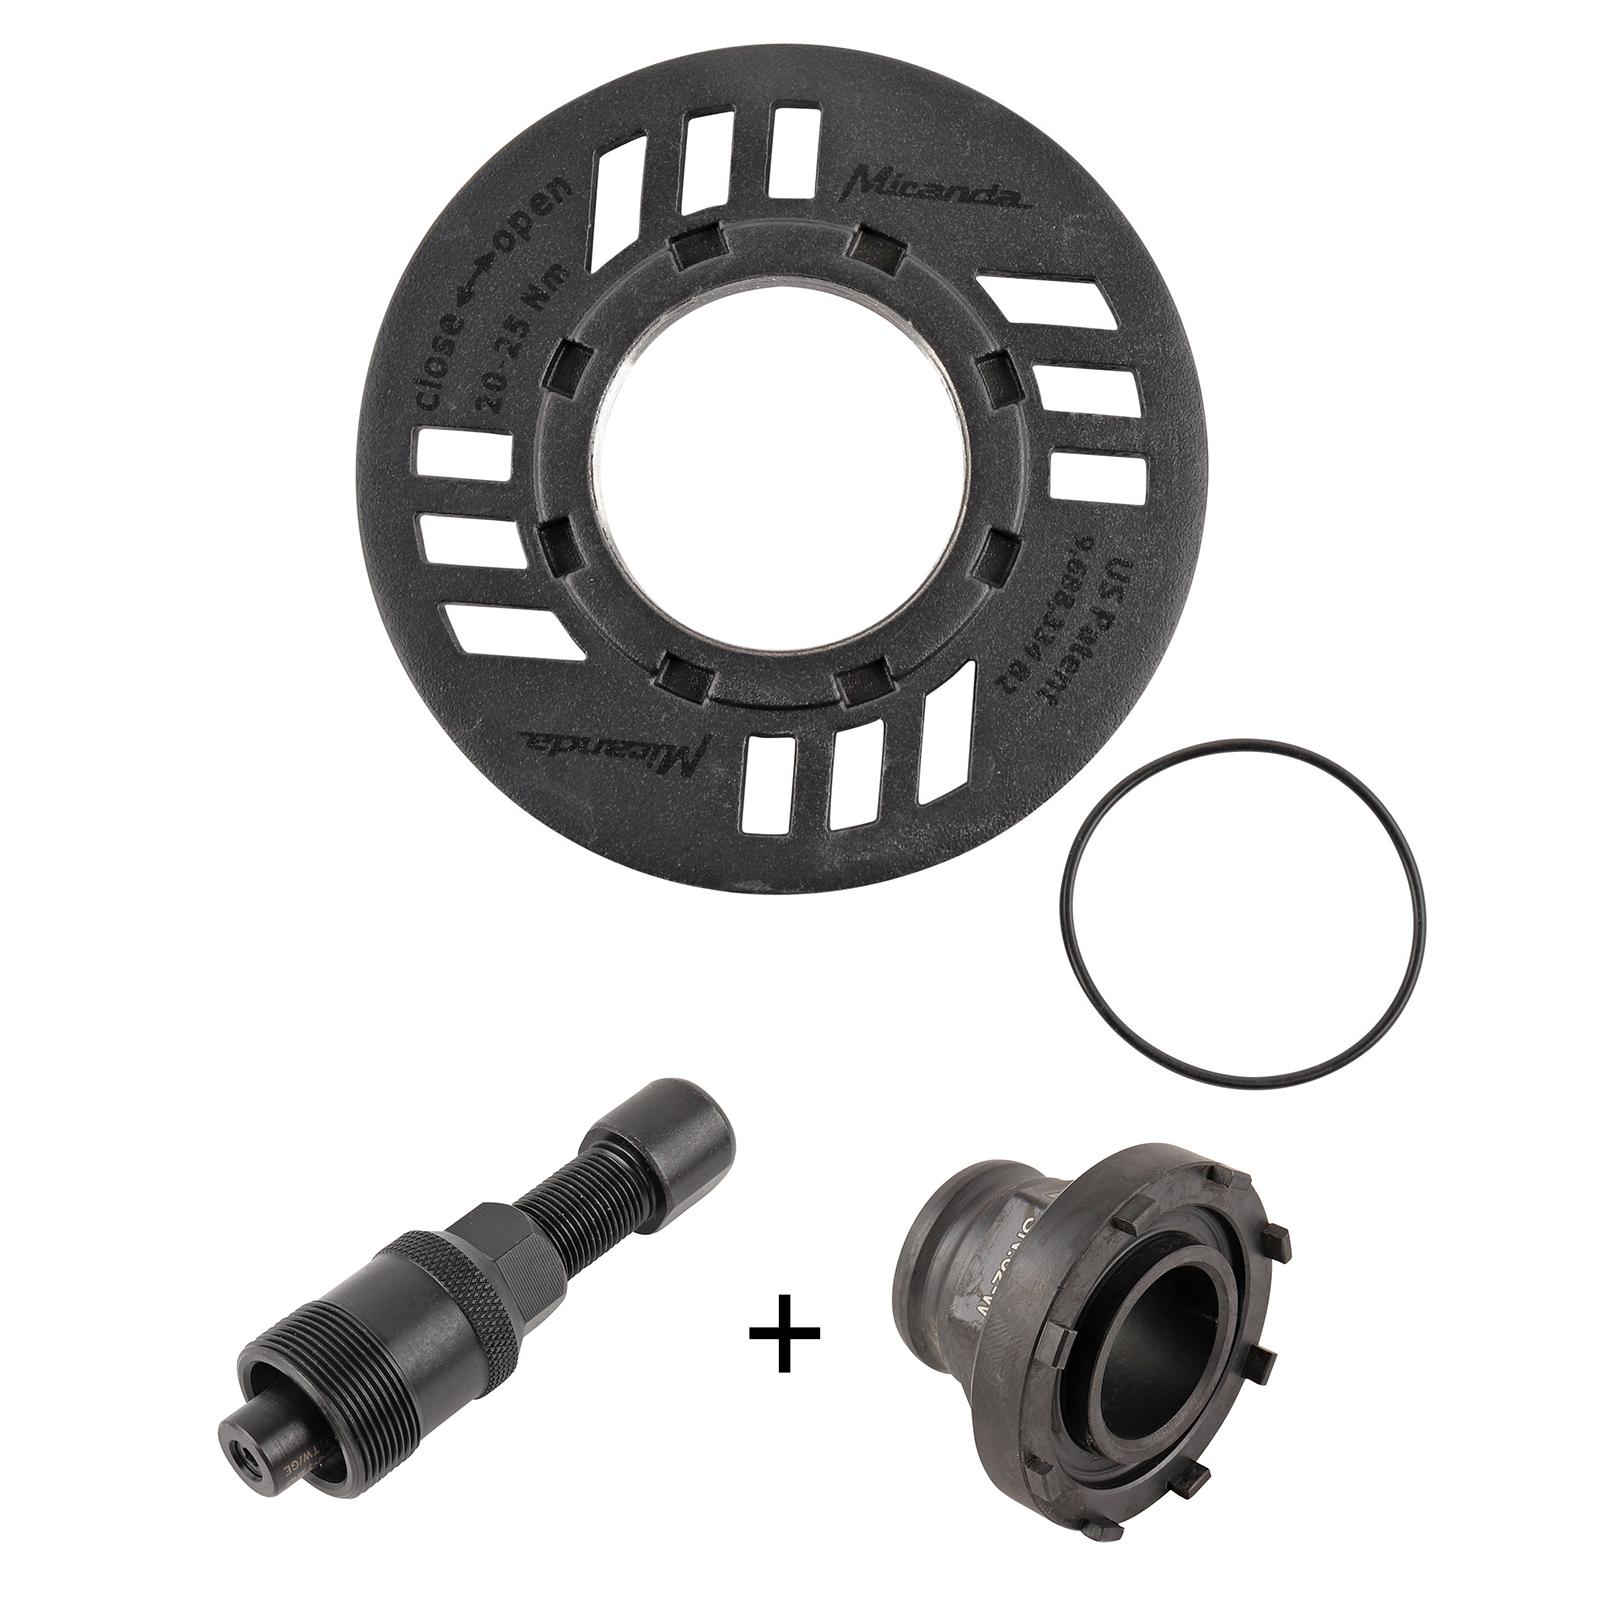 Miranda Kettenschutzring für Bosch Active, Performance, CX inkl. Montagewerkzeug